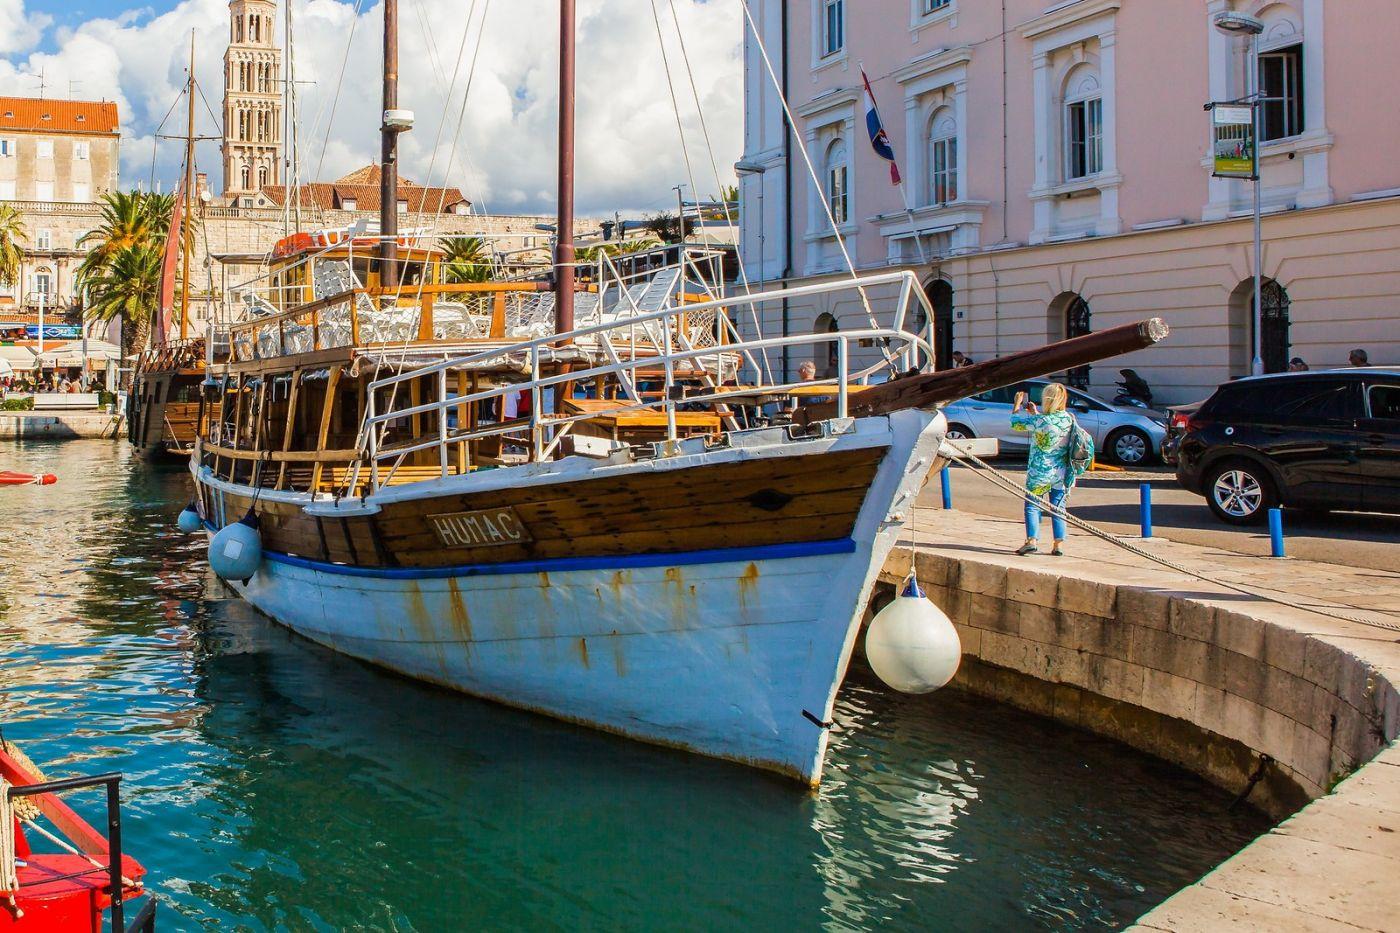 克罗地亚斯普利特(Split),美丽海滨城市_图1-22